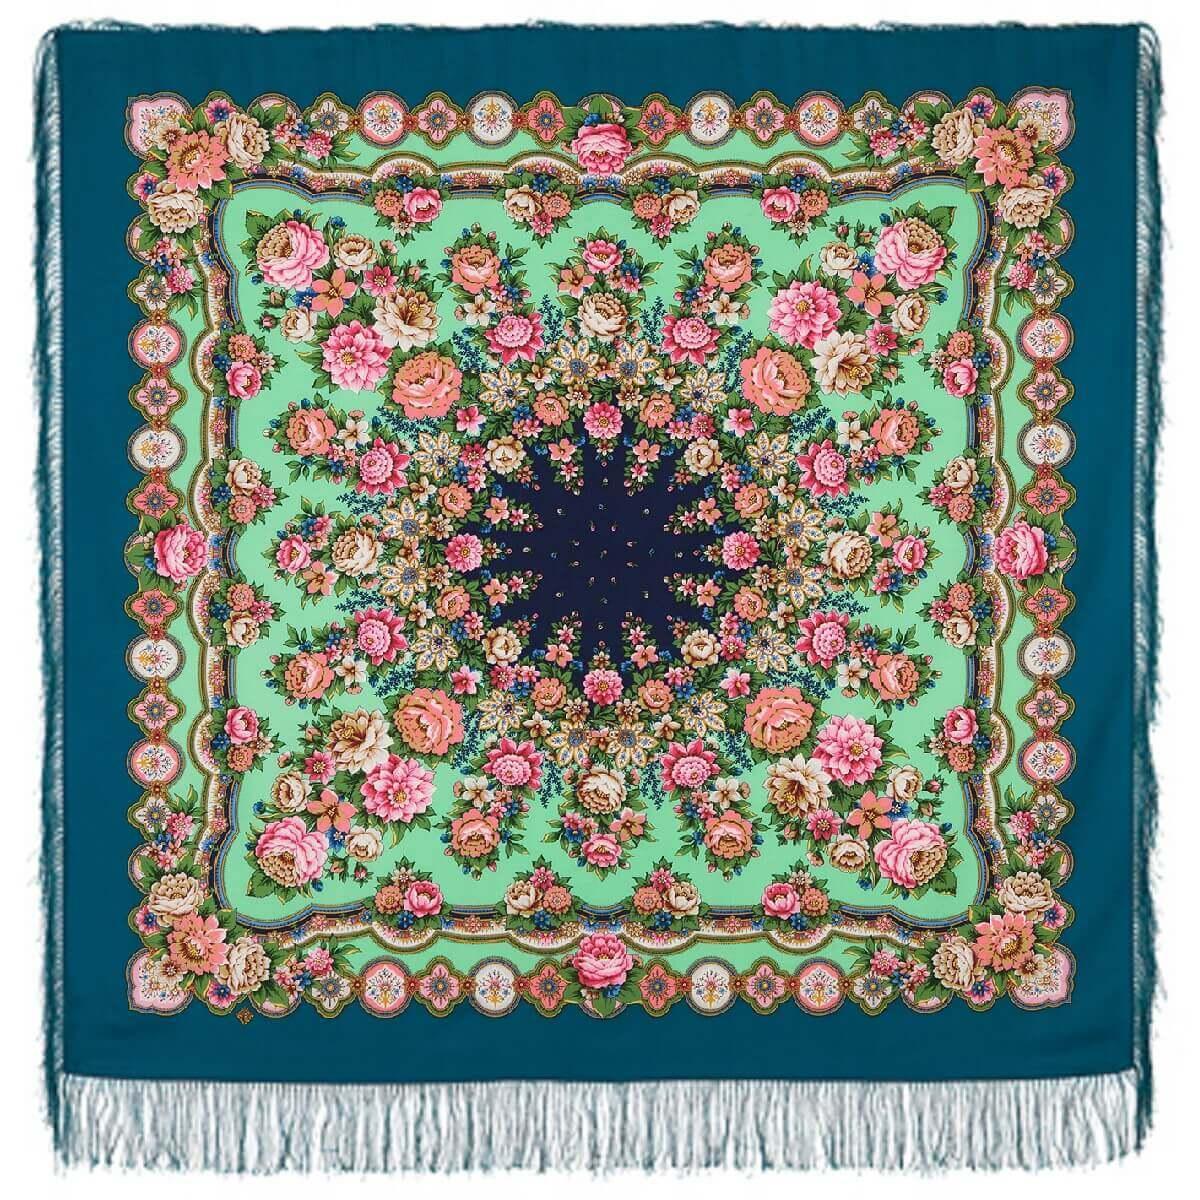 Павлопосадский платок Южное солнце 1652-4 (135х135 см)